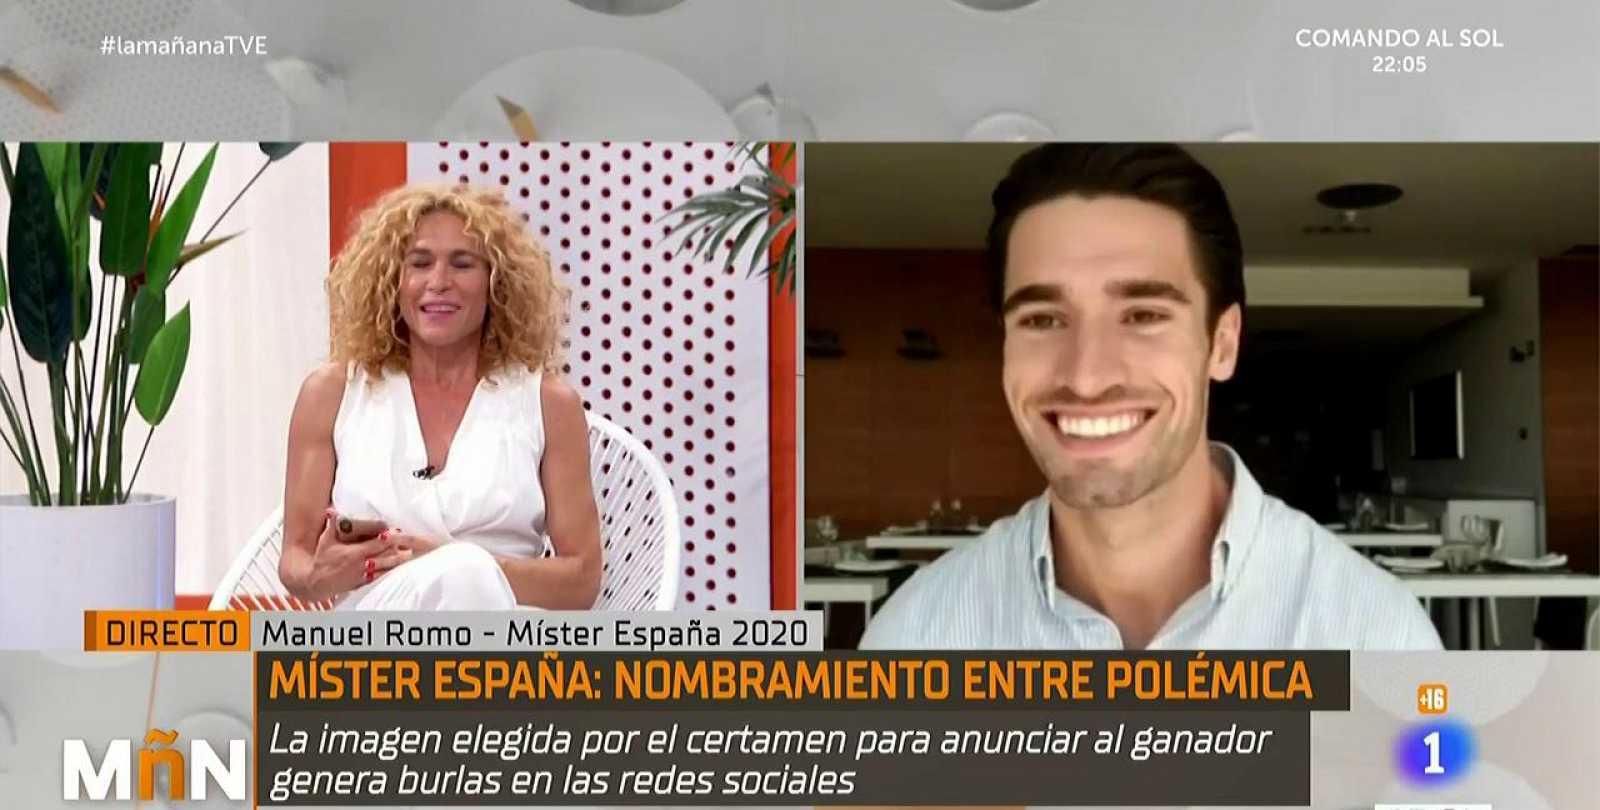 Manuel Romo, el nuevo Mister España 2020 entre polémicas